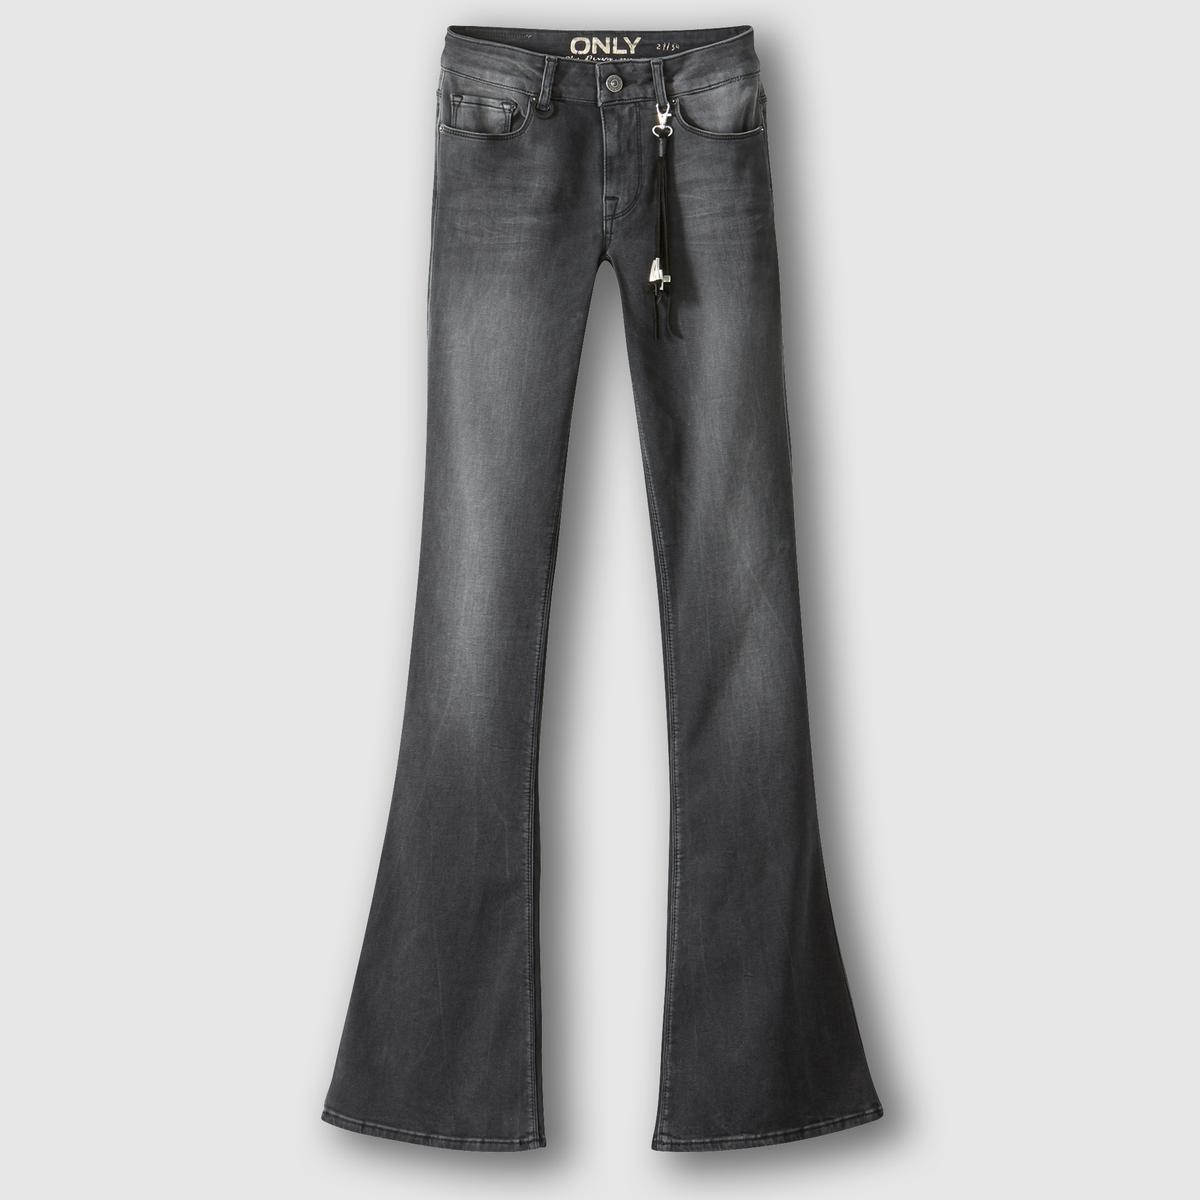 Jeans flare desbotados, RIO, comprimento 32